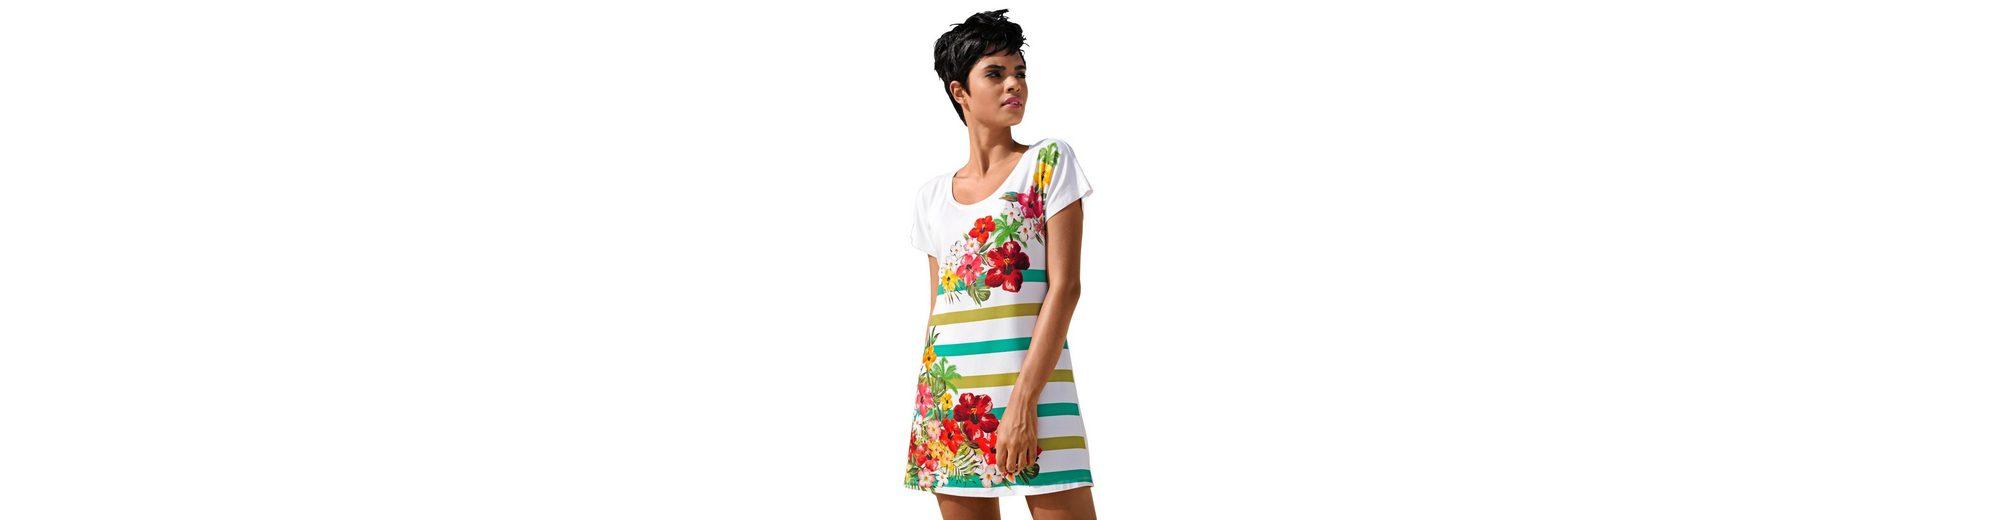 Alba Moda Gestreiftes Strandshirt Strandshirt mit Blumen und Streifen Billig Verkauf Beliebt Verkauf Sast Niedrigster Preis Günstig Online UmLGd8U